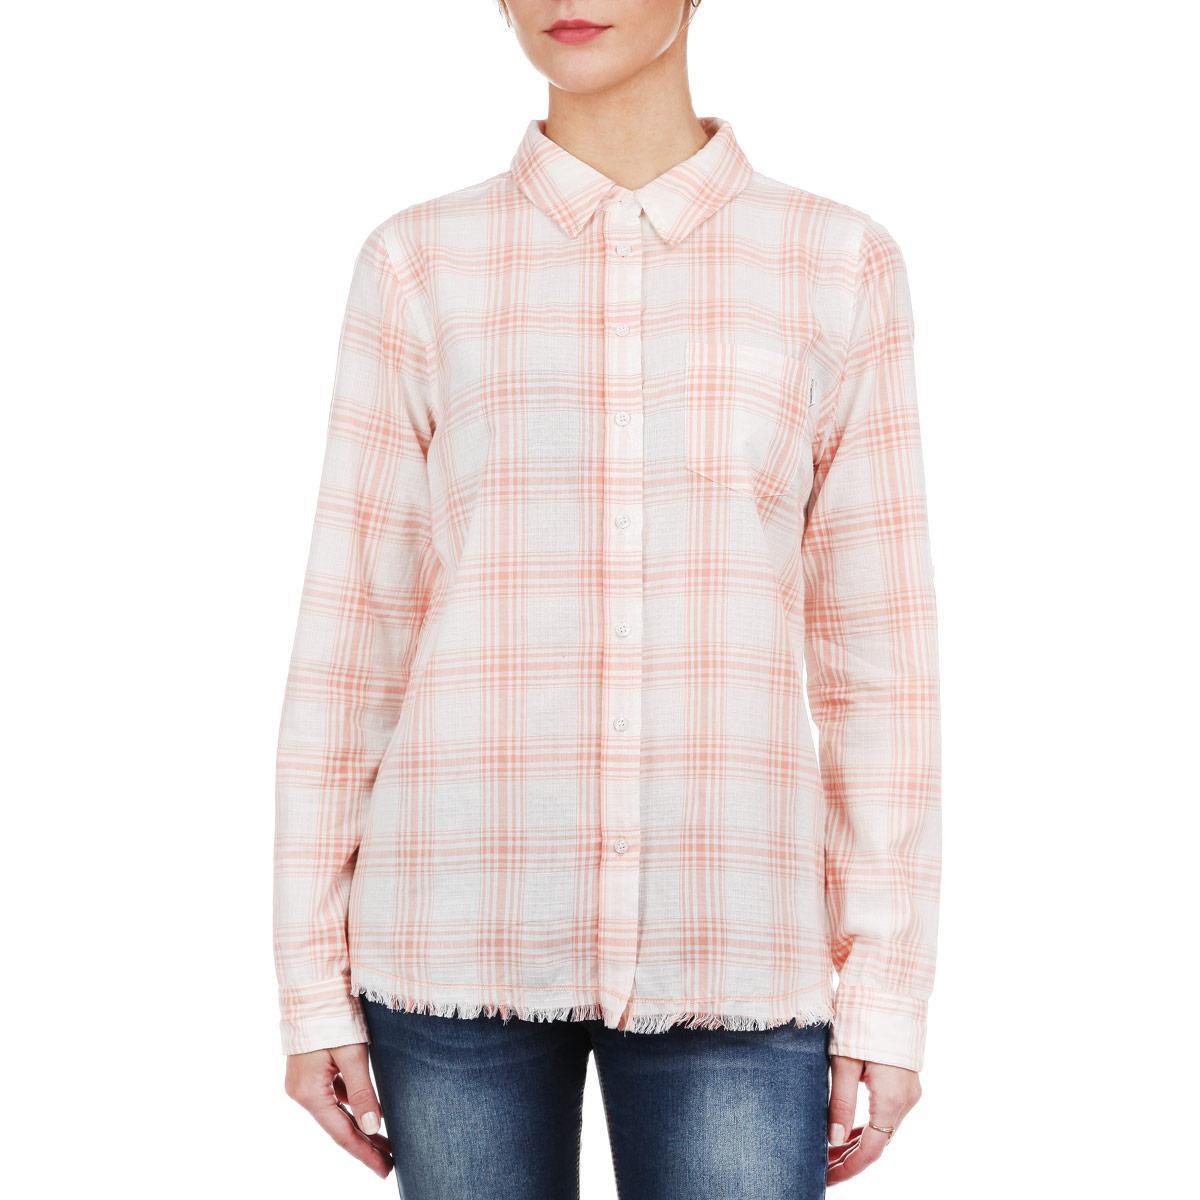 Рубашка женская. 6010169460101694 00DСтильная женская рубашка Broadway, выполненная из мягкого хлопка, обладает высокой теплопроводностью, воздухопроницаемостью и гигроскопичностью, позволяет коже дышать, тем самым обеспечивая наибольший комфорт при носке даже самым жарким летом. Рубашка с длинными рукавами, отложным воротником и полукруглым низом застегивается на пуговицы. На груди модель дополнена накладным карманом. Низ изделия оформлен бахромой. Такая рубашка будет дарить вам комфорт в течение всего дня и послужит замечательным дополнением к вашему гардеробу.